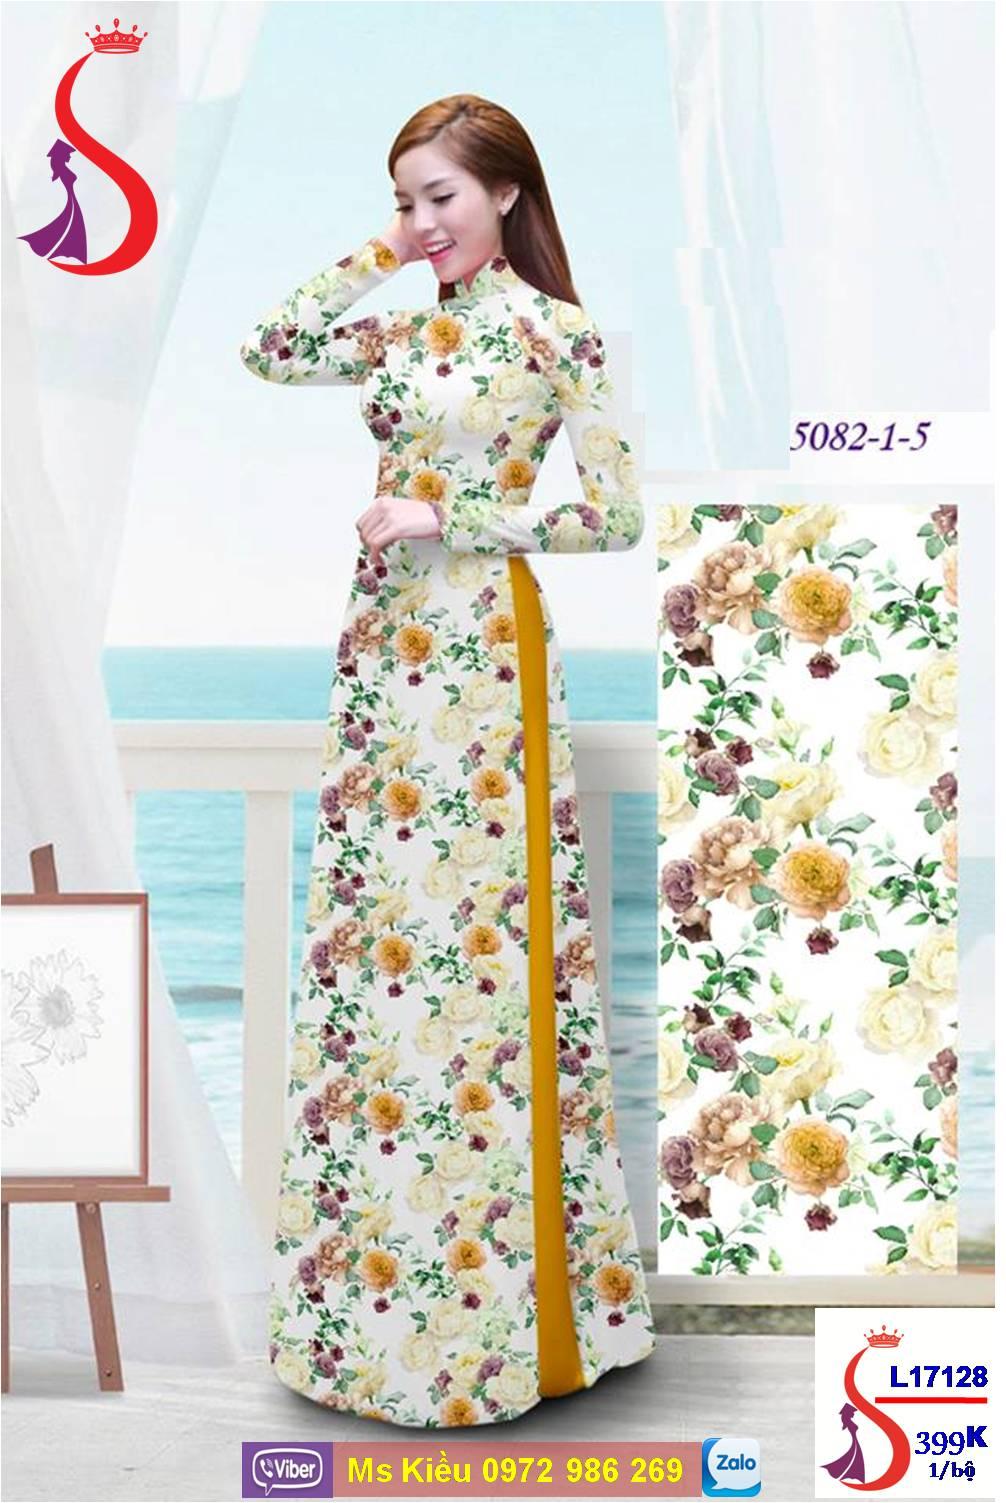 áo Dài Màu Vàng đẹp Sang Trọng Trẻ Trung Album 3 2